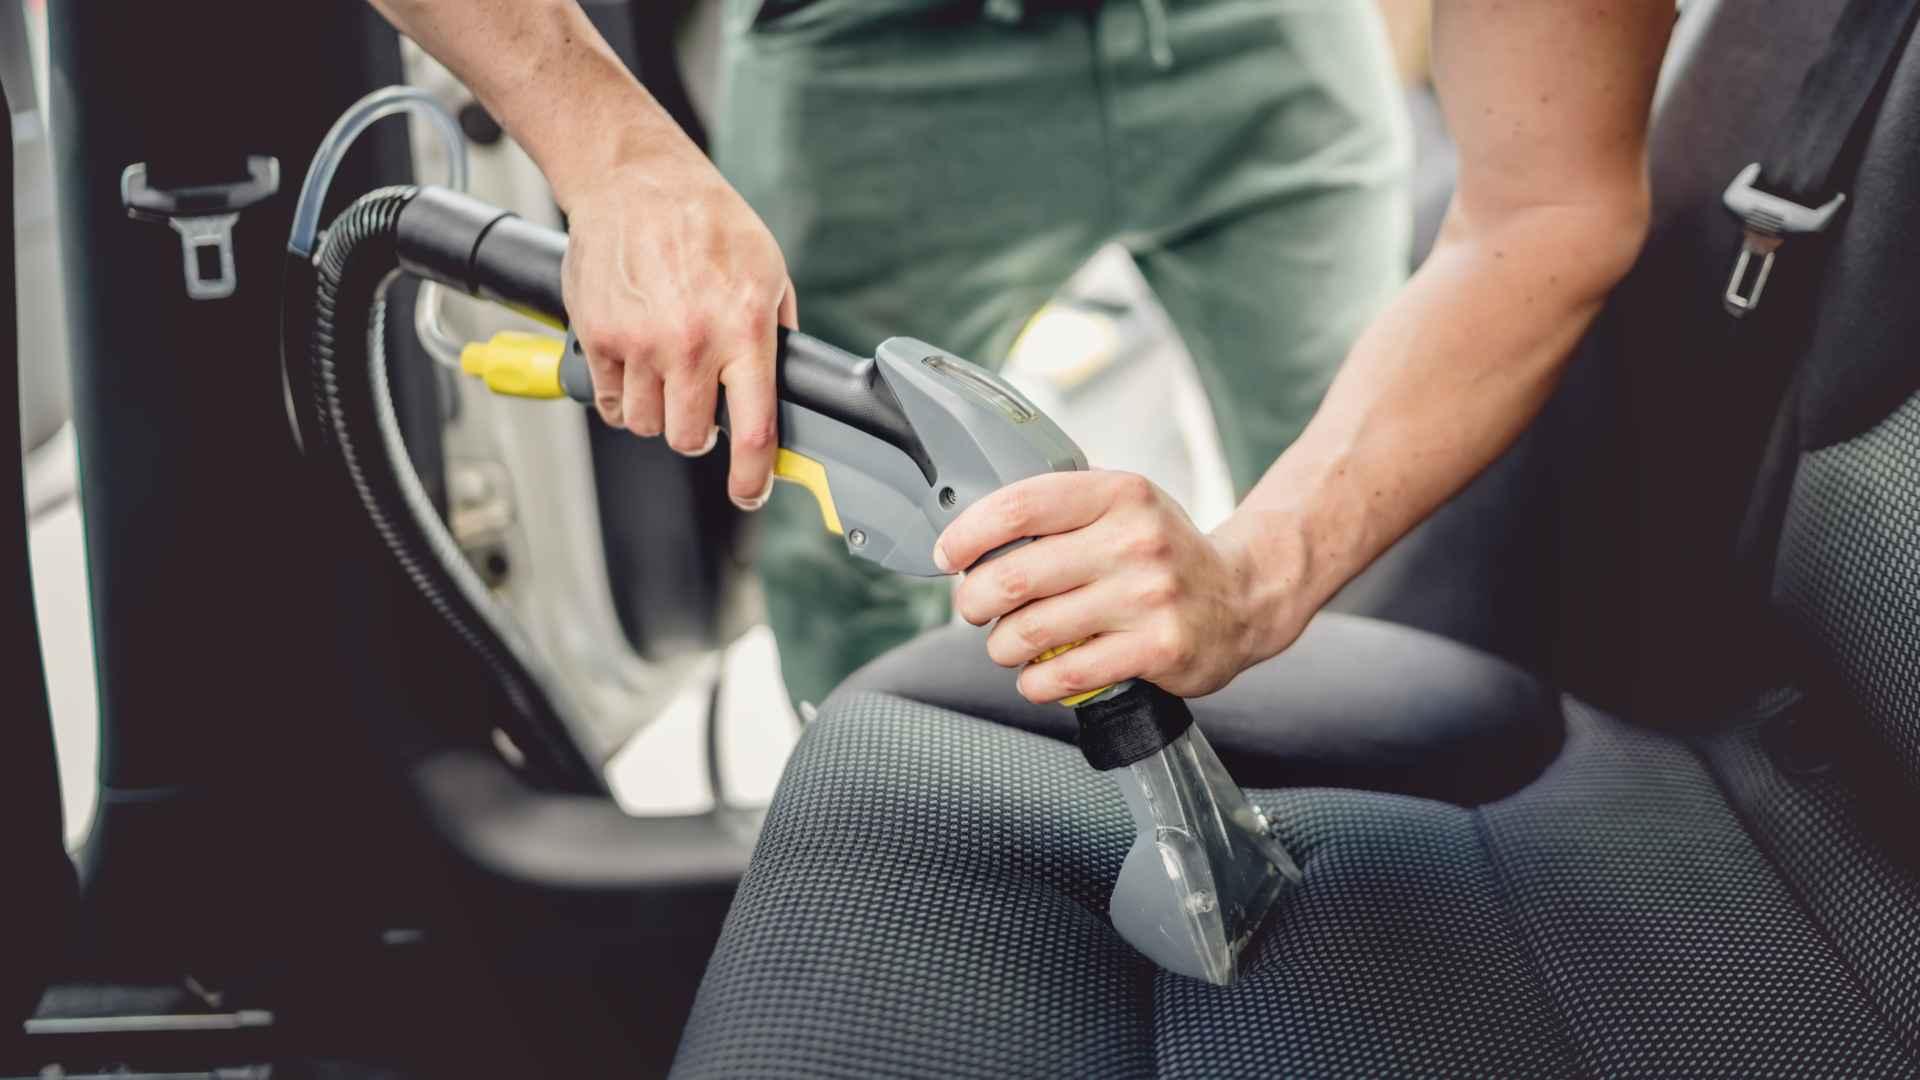 Homem aspirando banco de carro com aspirador de pó